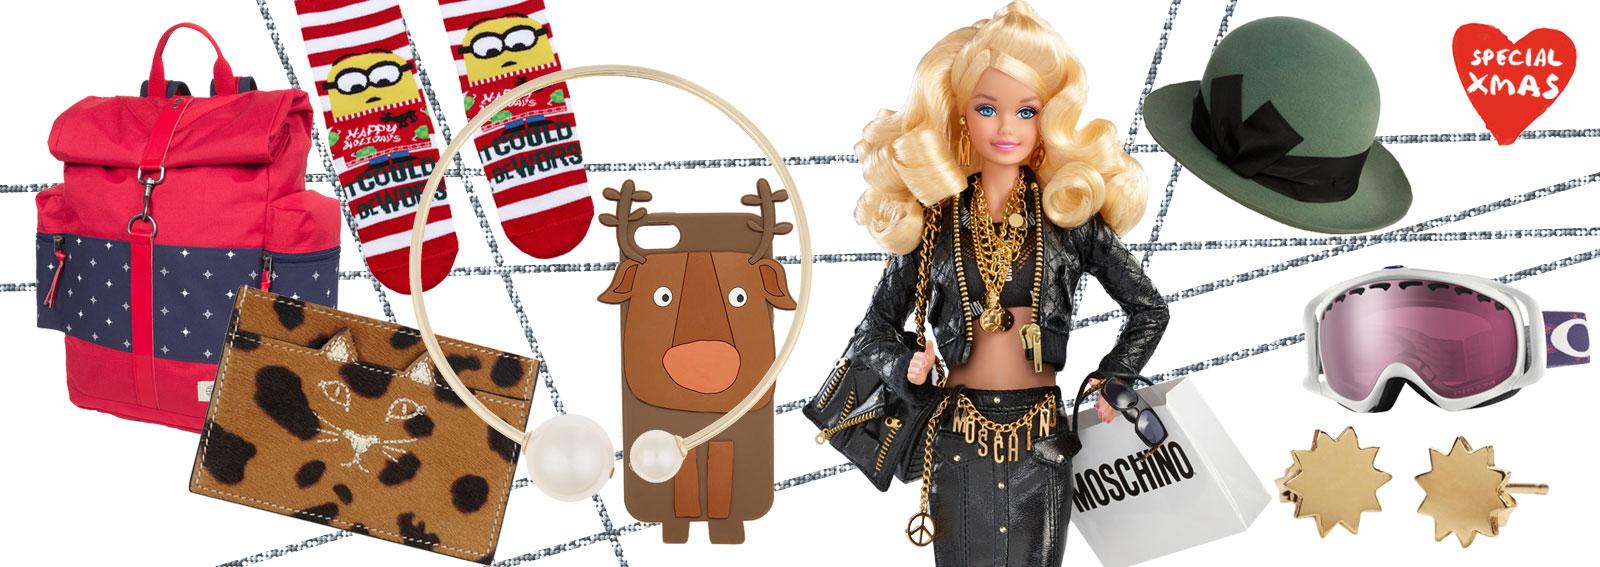 cover regali di natale amiche moda 2015 desktop